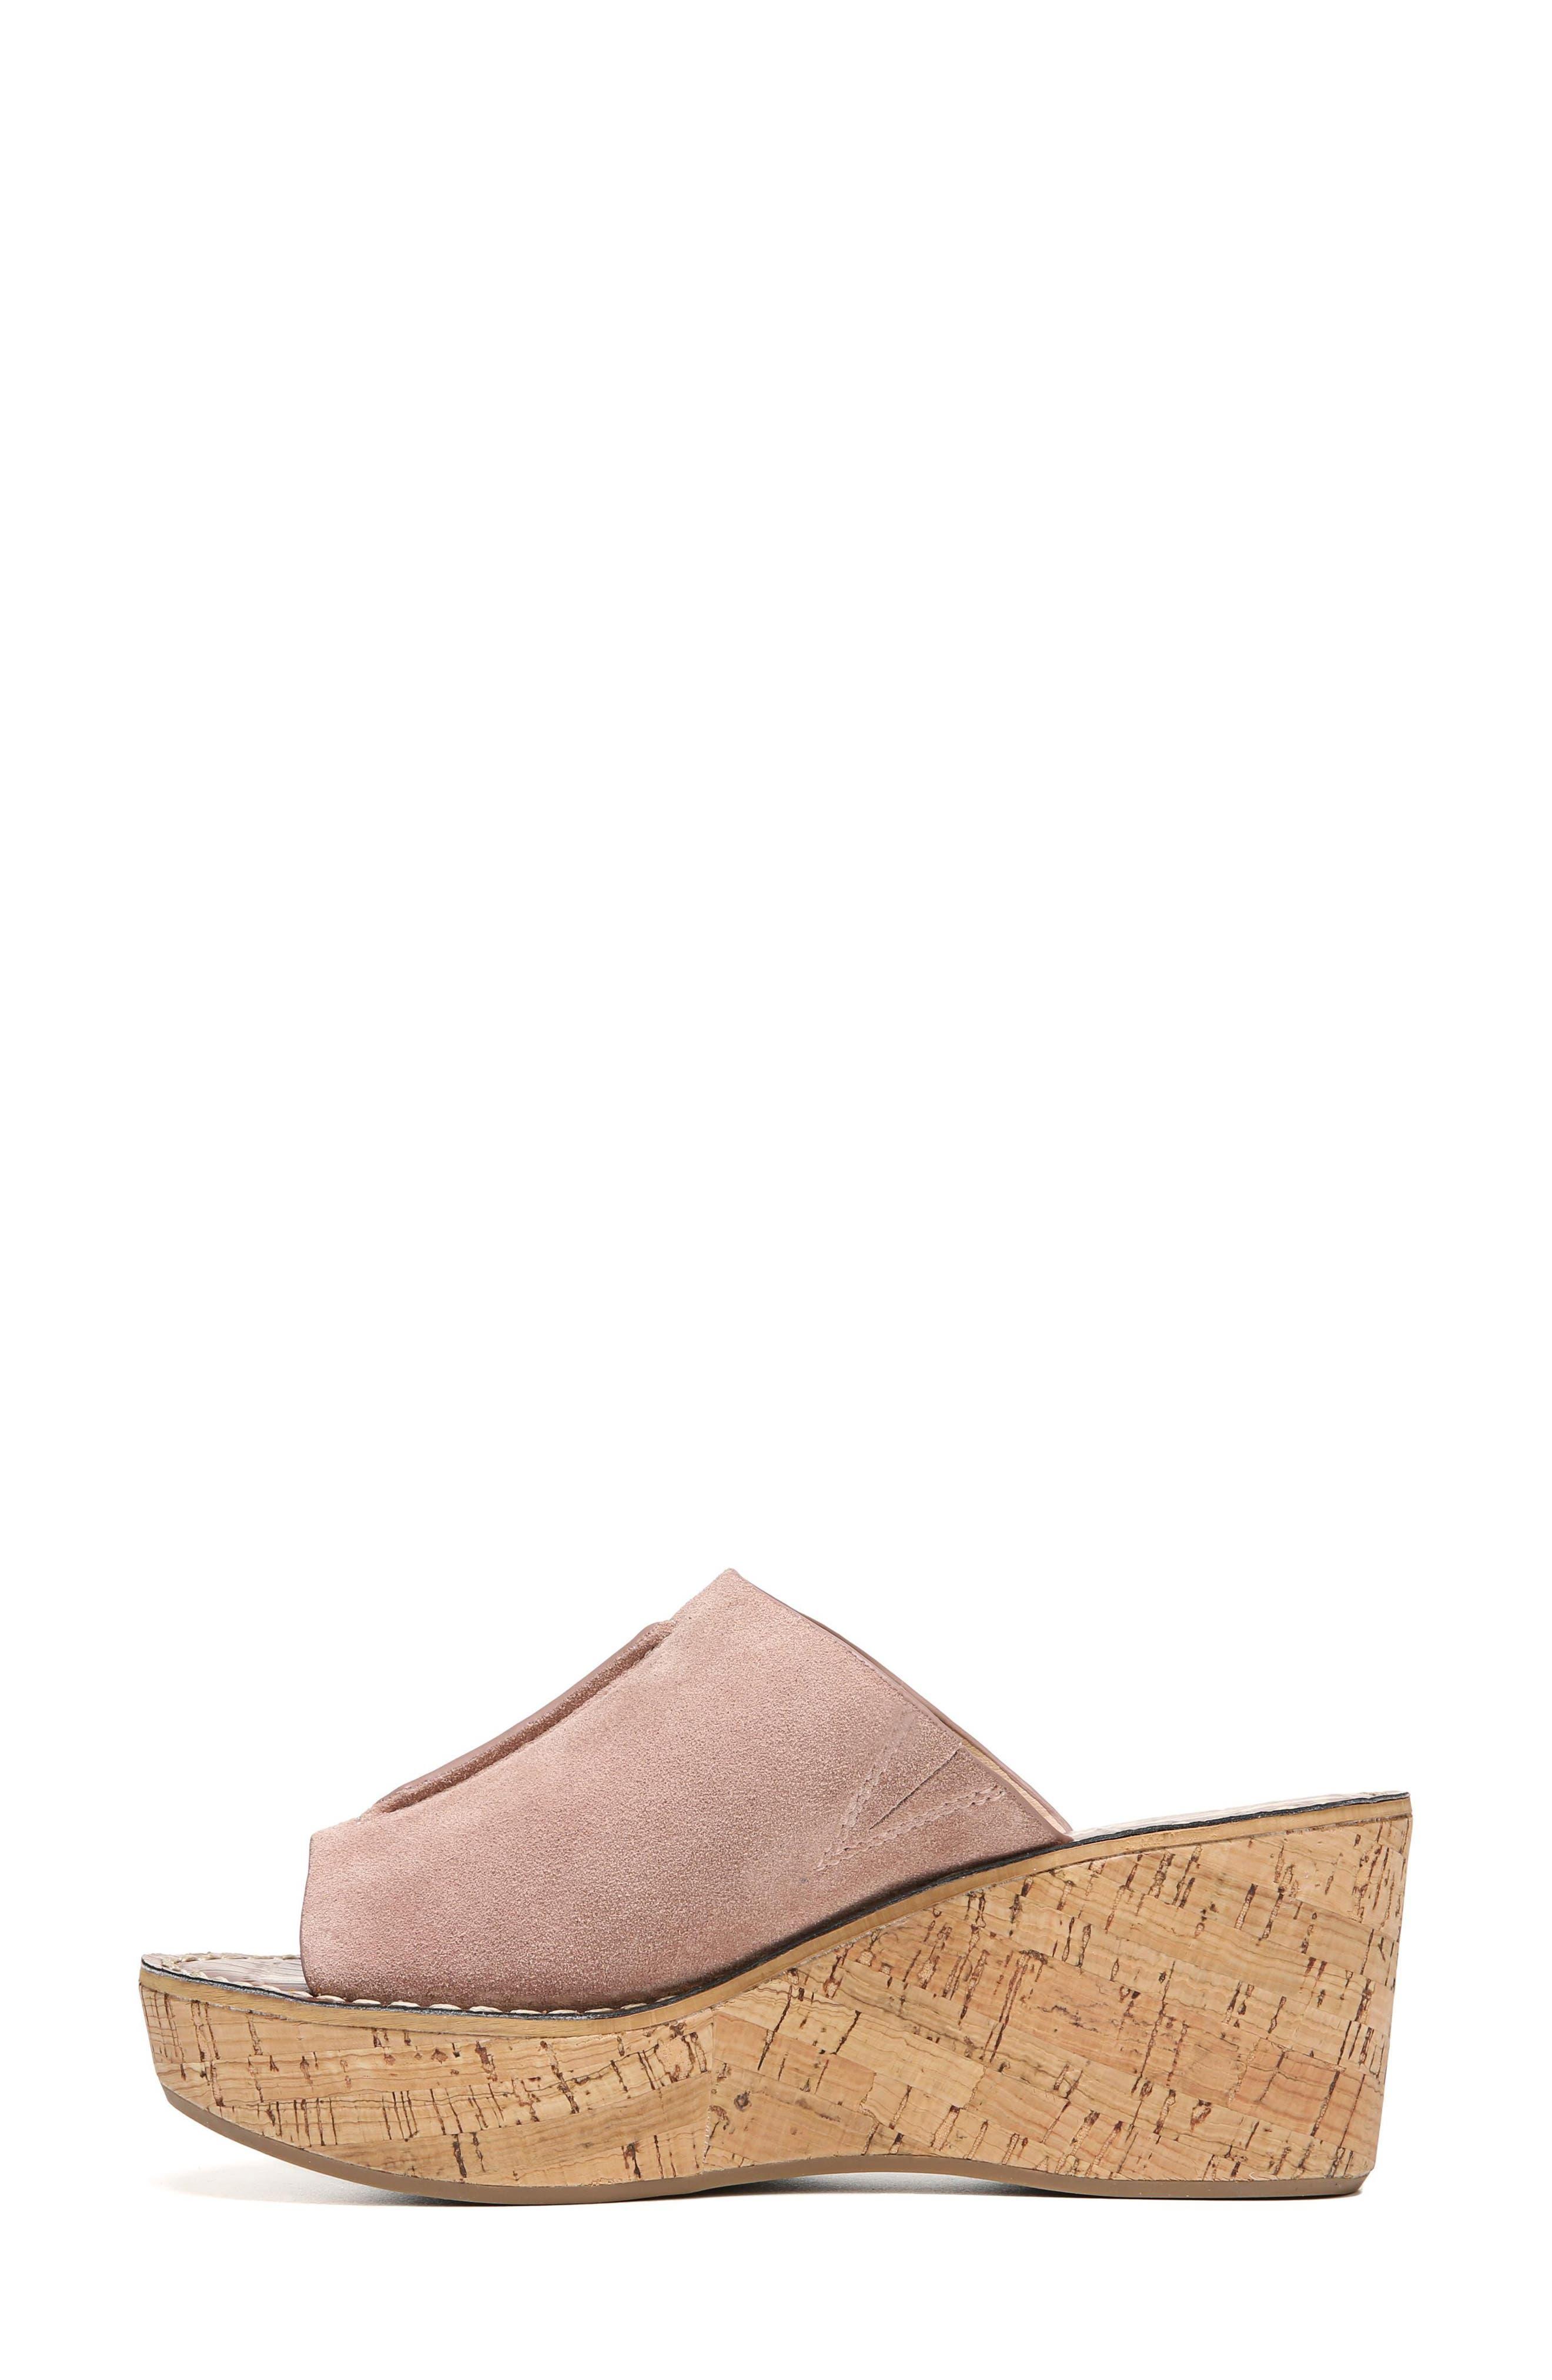 Ranger Platform Sandal,                             Alternate thumbnail 20, color,